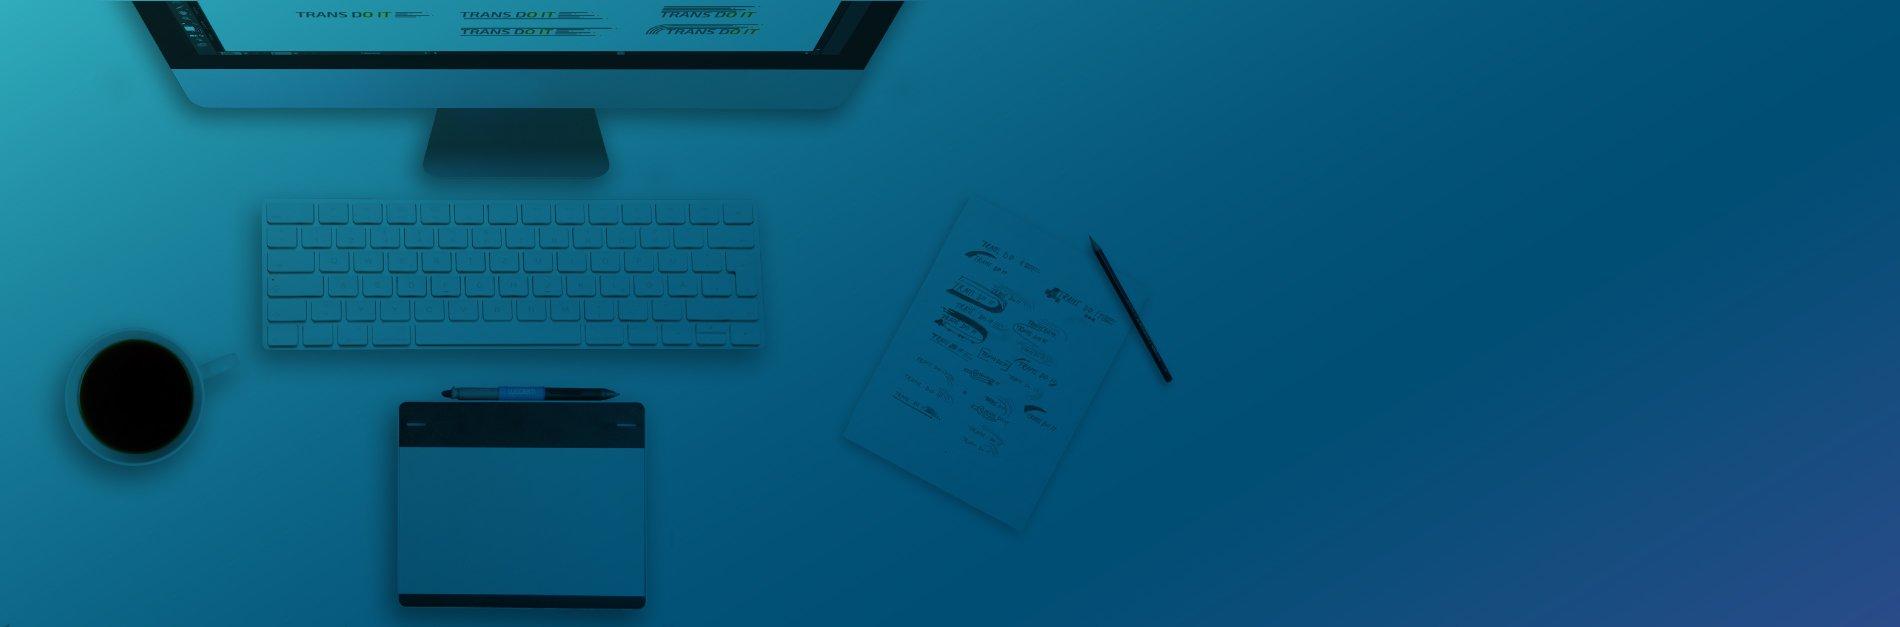 Grafikai tervezés slider